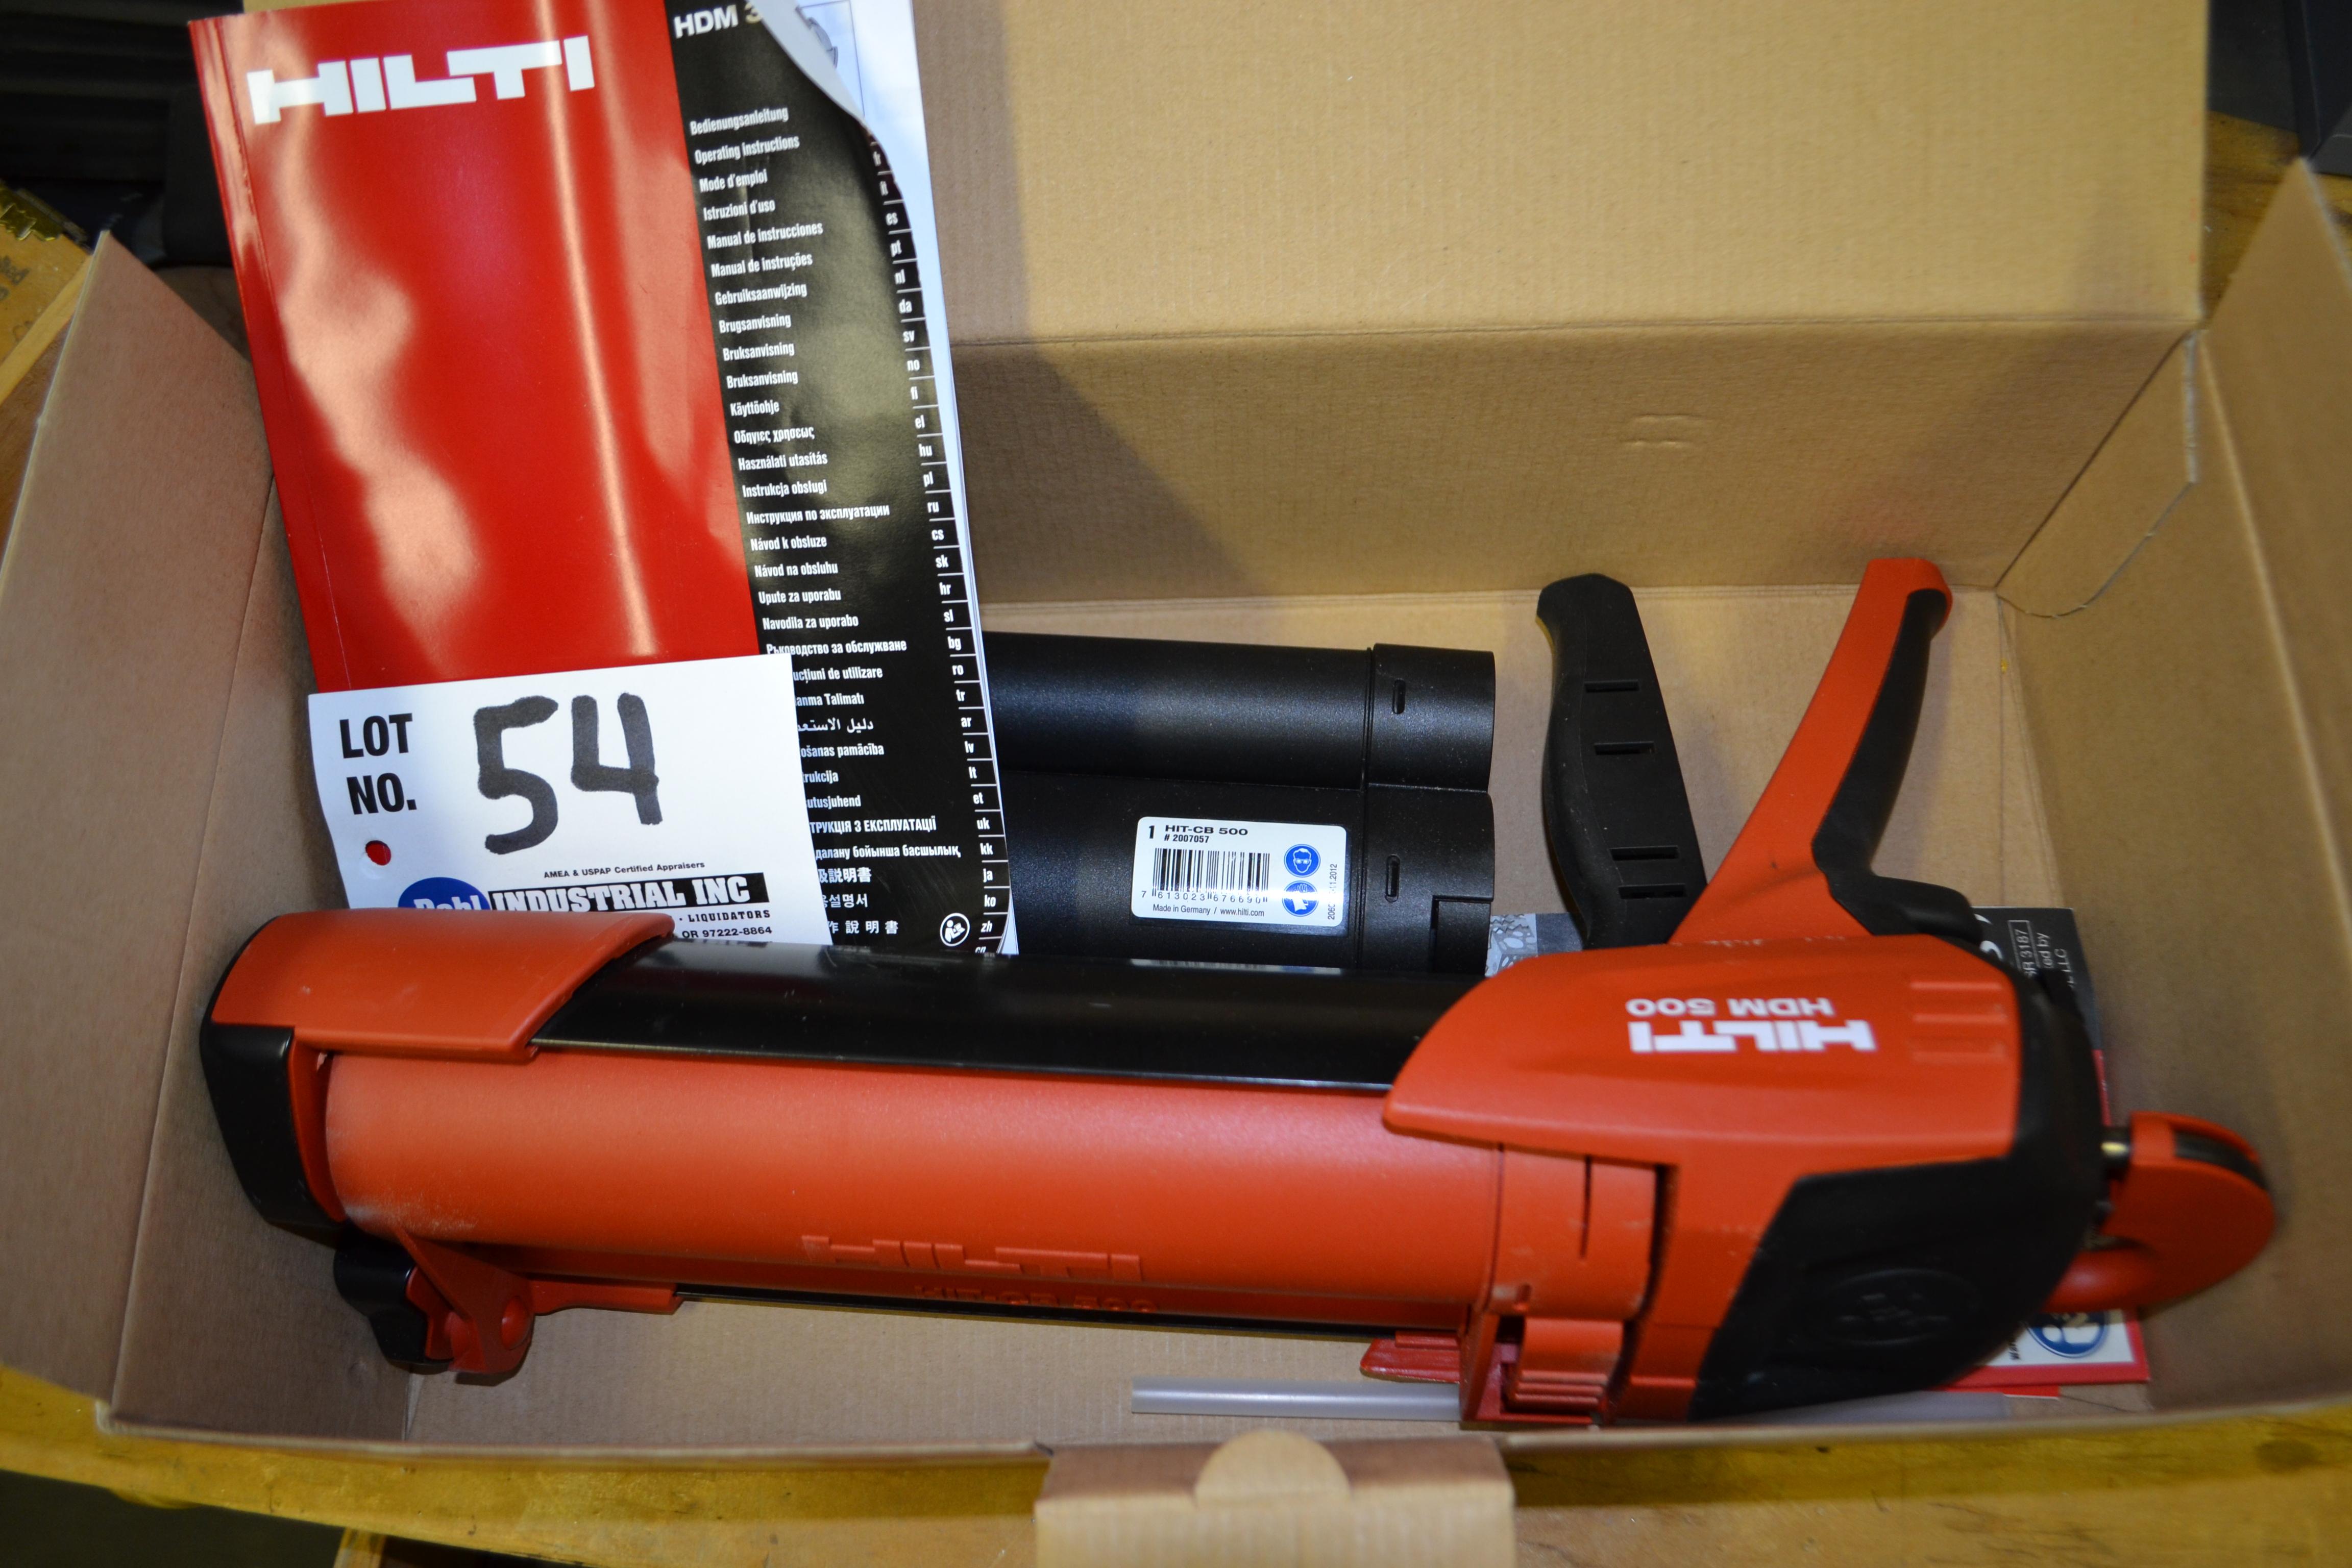 Hilti HDM500 Manual Dispenser